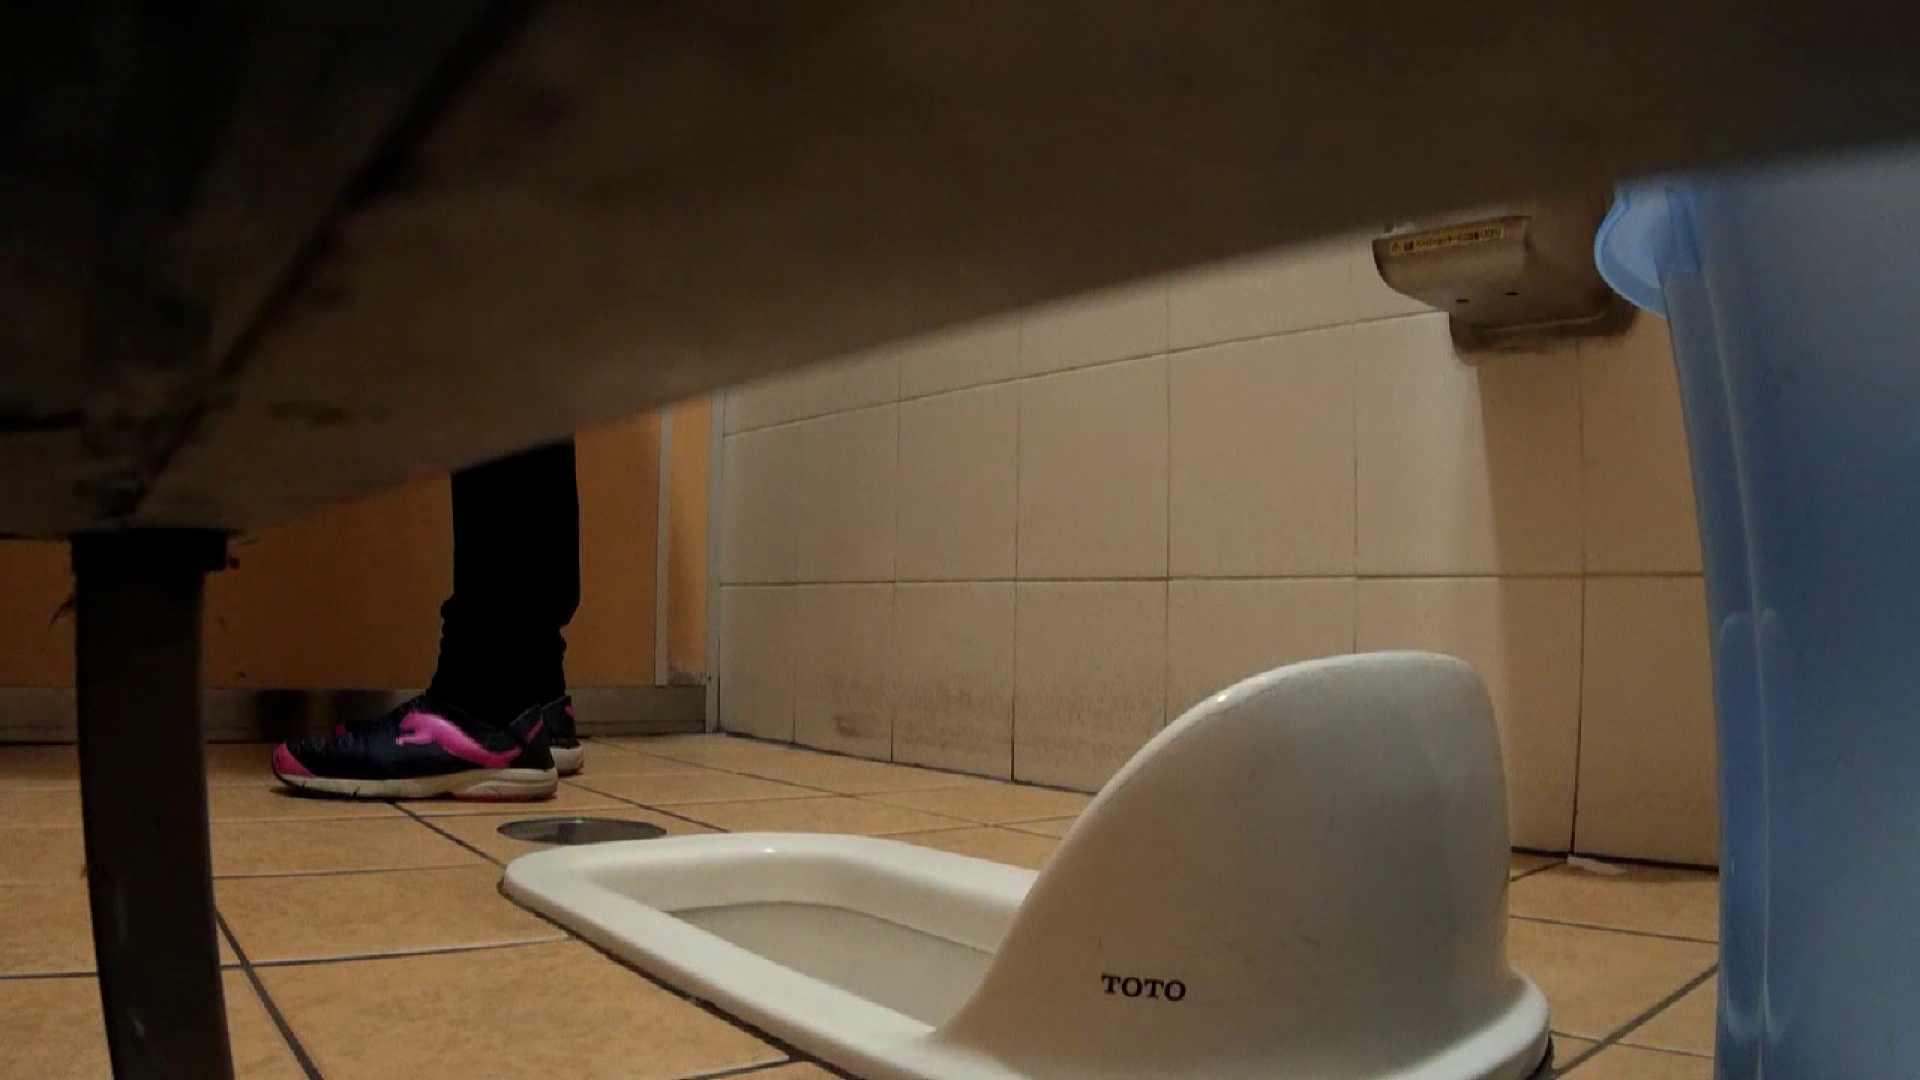 痴態洗面所 Vol.04 上と下の割合が絶妙です。 OLのボディ | 洗面所  79PIX 57